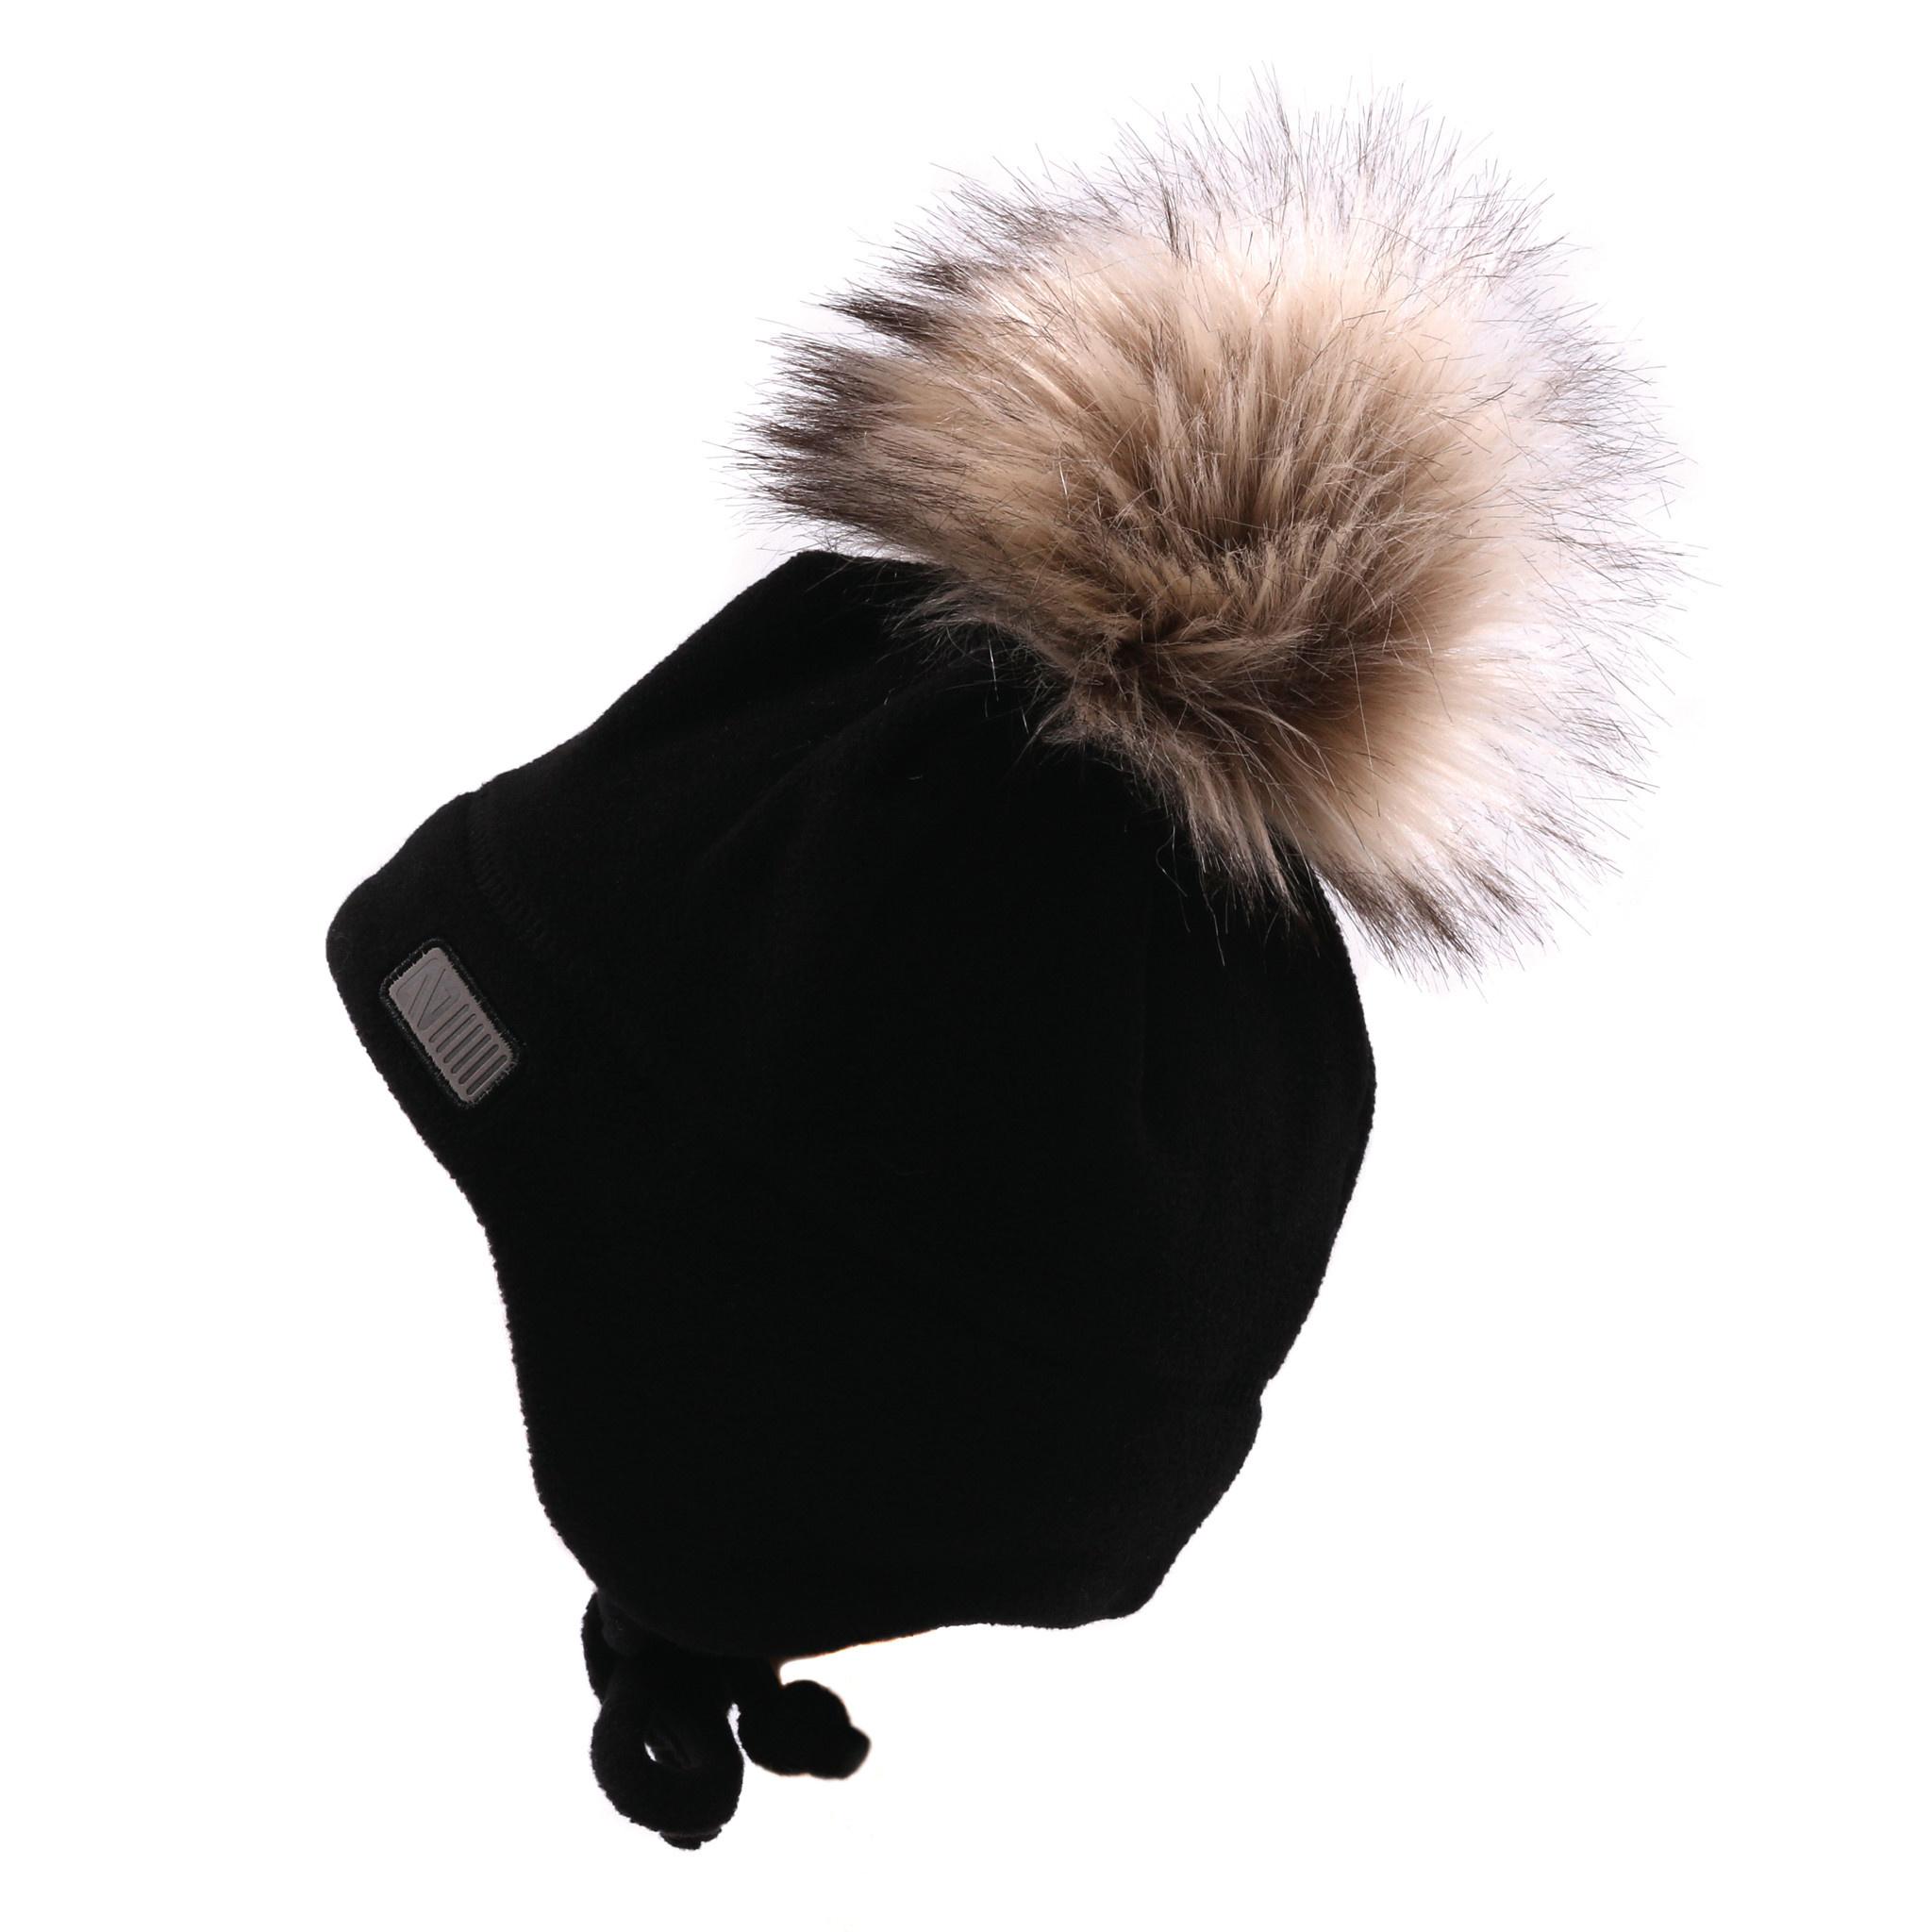 Tuque en polar avec oreilles Noire-1